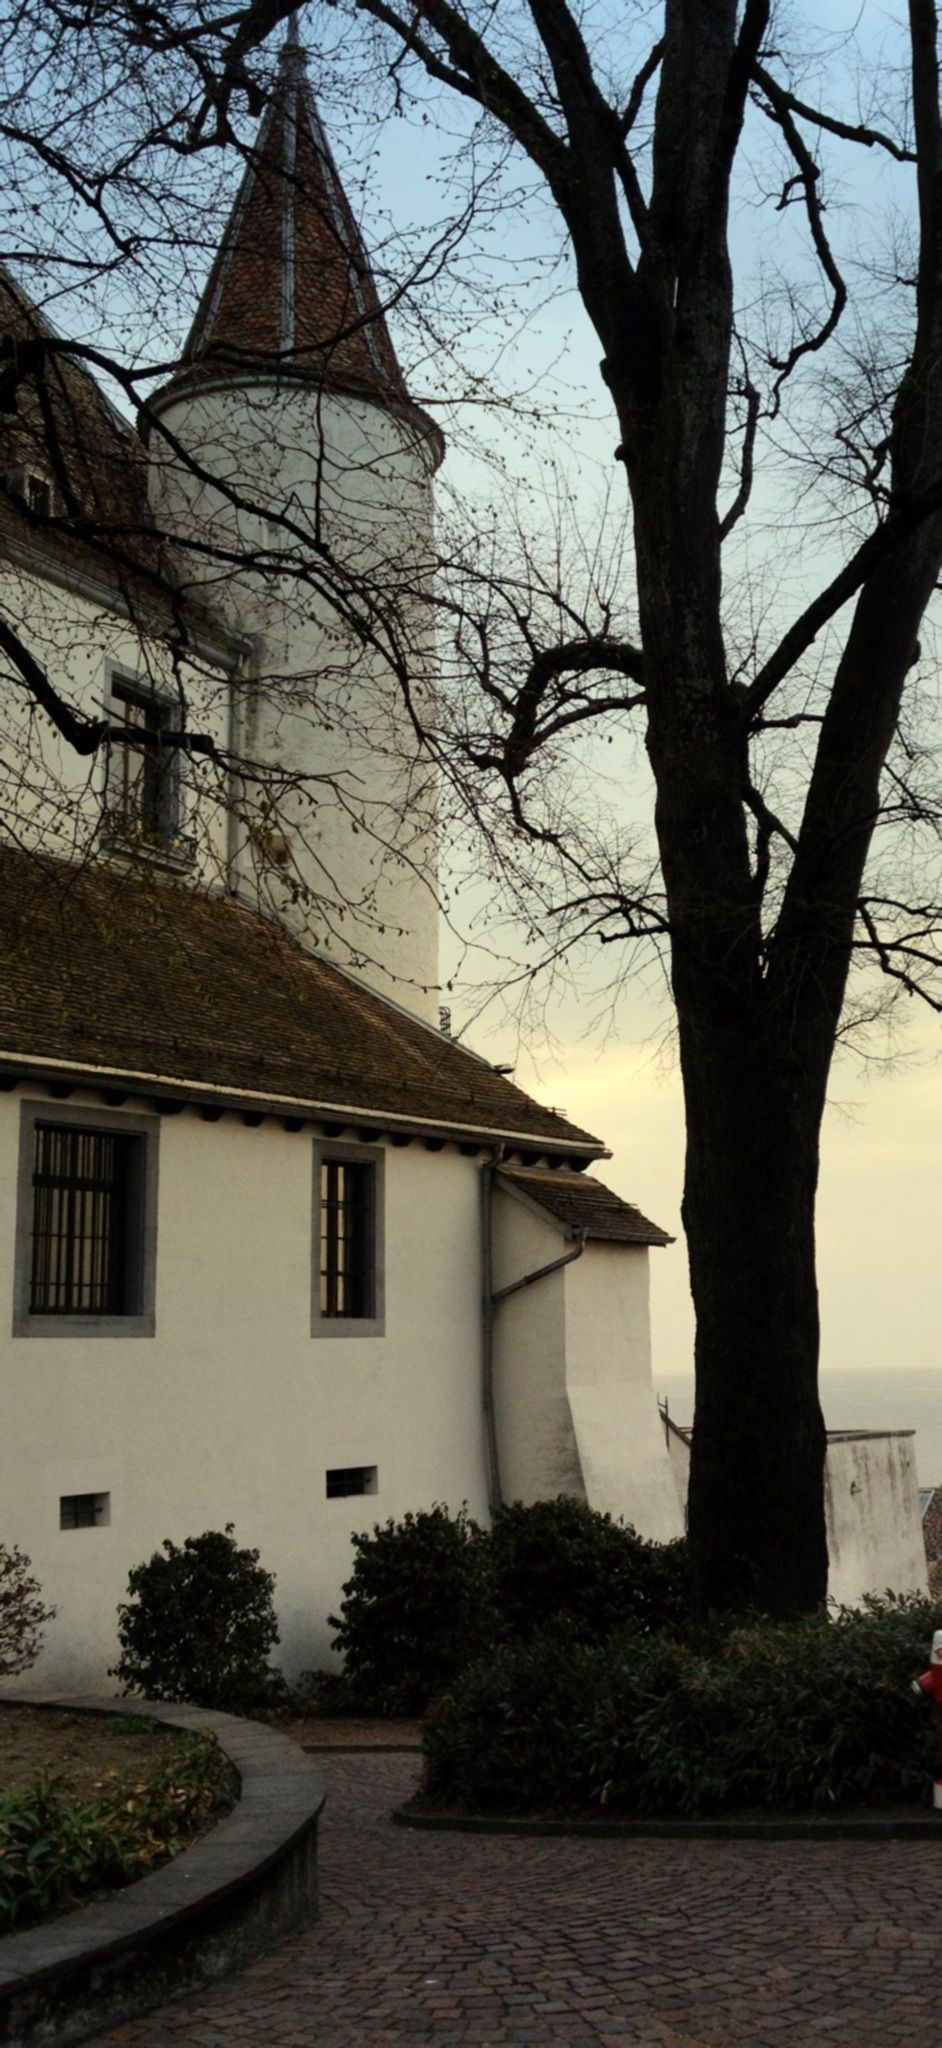 Castillo de Nyon - Ubicado sobre una colina de la costa es el Château de Nyon, una fortaleza del siglo 12 con una magnífica terraza con al lago y Mont Blanc. Sus amplias habitaciones tienen la colección del Musée Historique, que narra la historia de los habitantes del castillo de la residencia de los duques de Saboya (1293-1536) a través de la ocupación por el Oberland (1536-1798) para la recuperación por el cantón de Vaud después de la revolución . Bodega fabulosa!